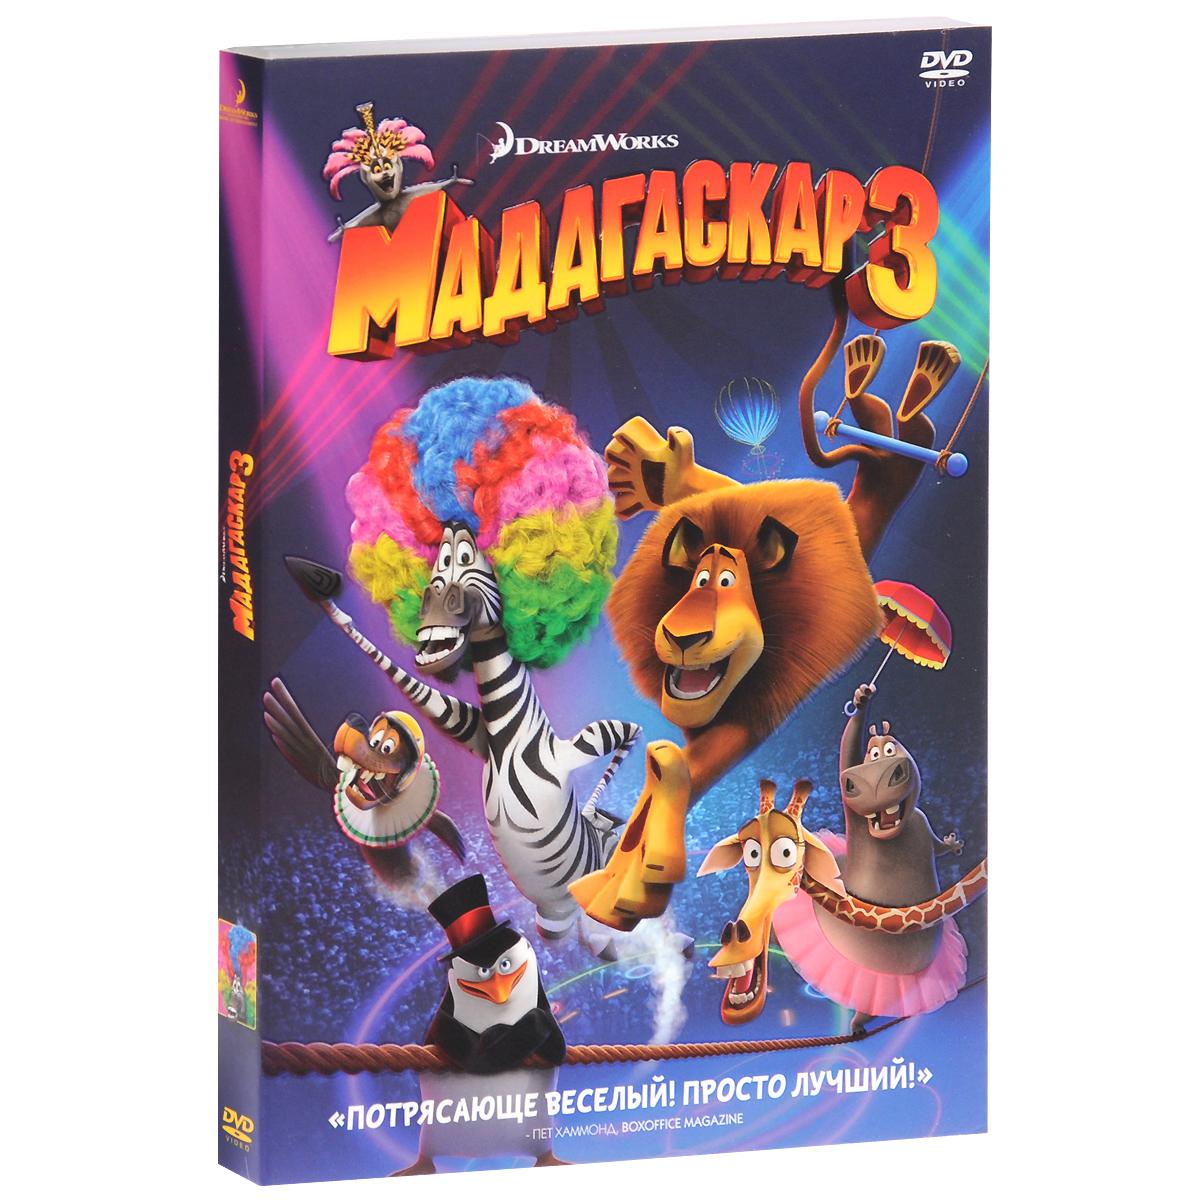 Мадагаскар 3 экшен камера